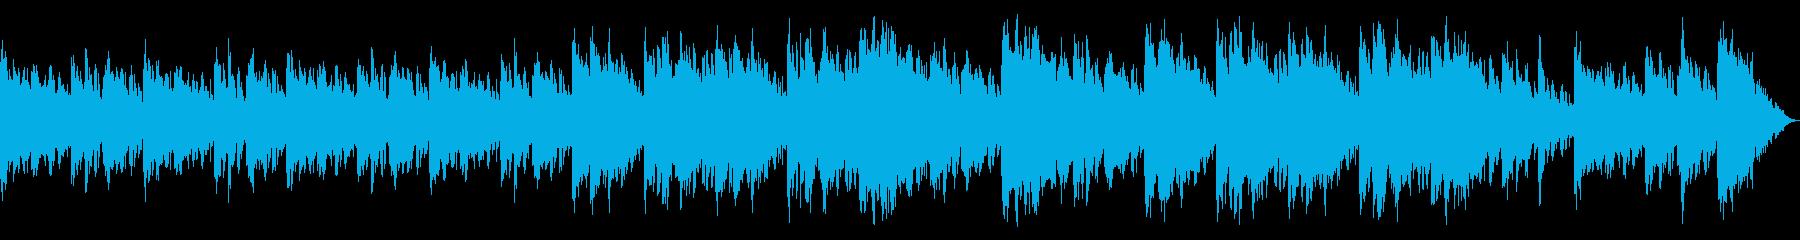 しっとり雰囲気の良いチル タイムラプス等の再生済みの波形